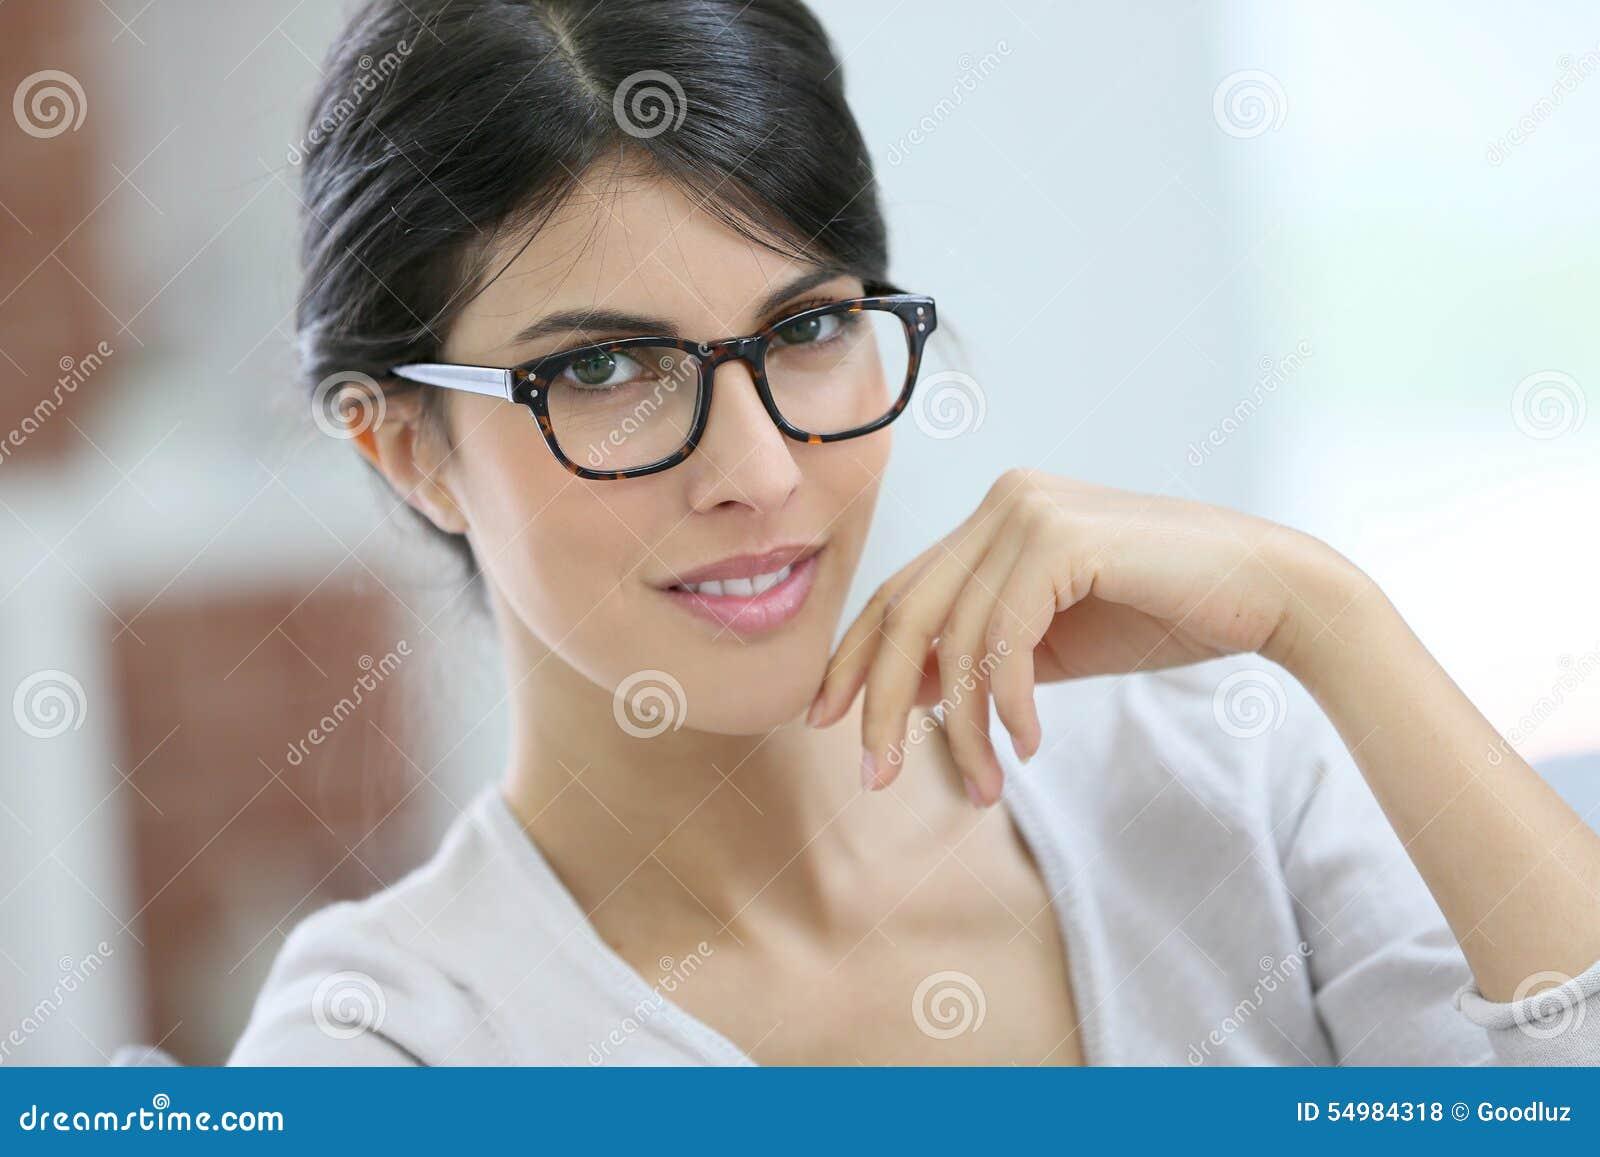 Portret van mooie slimme jonge vrouw met oogglazen